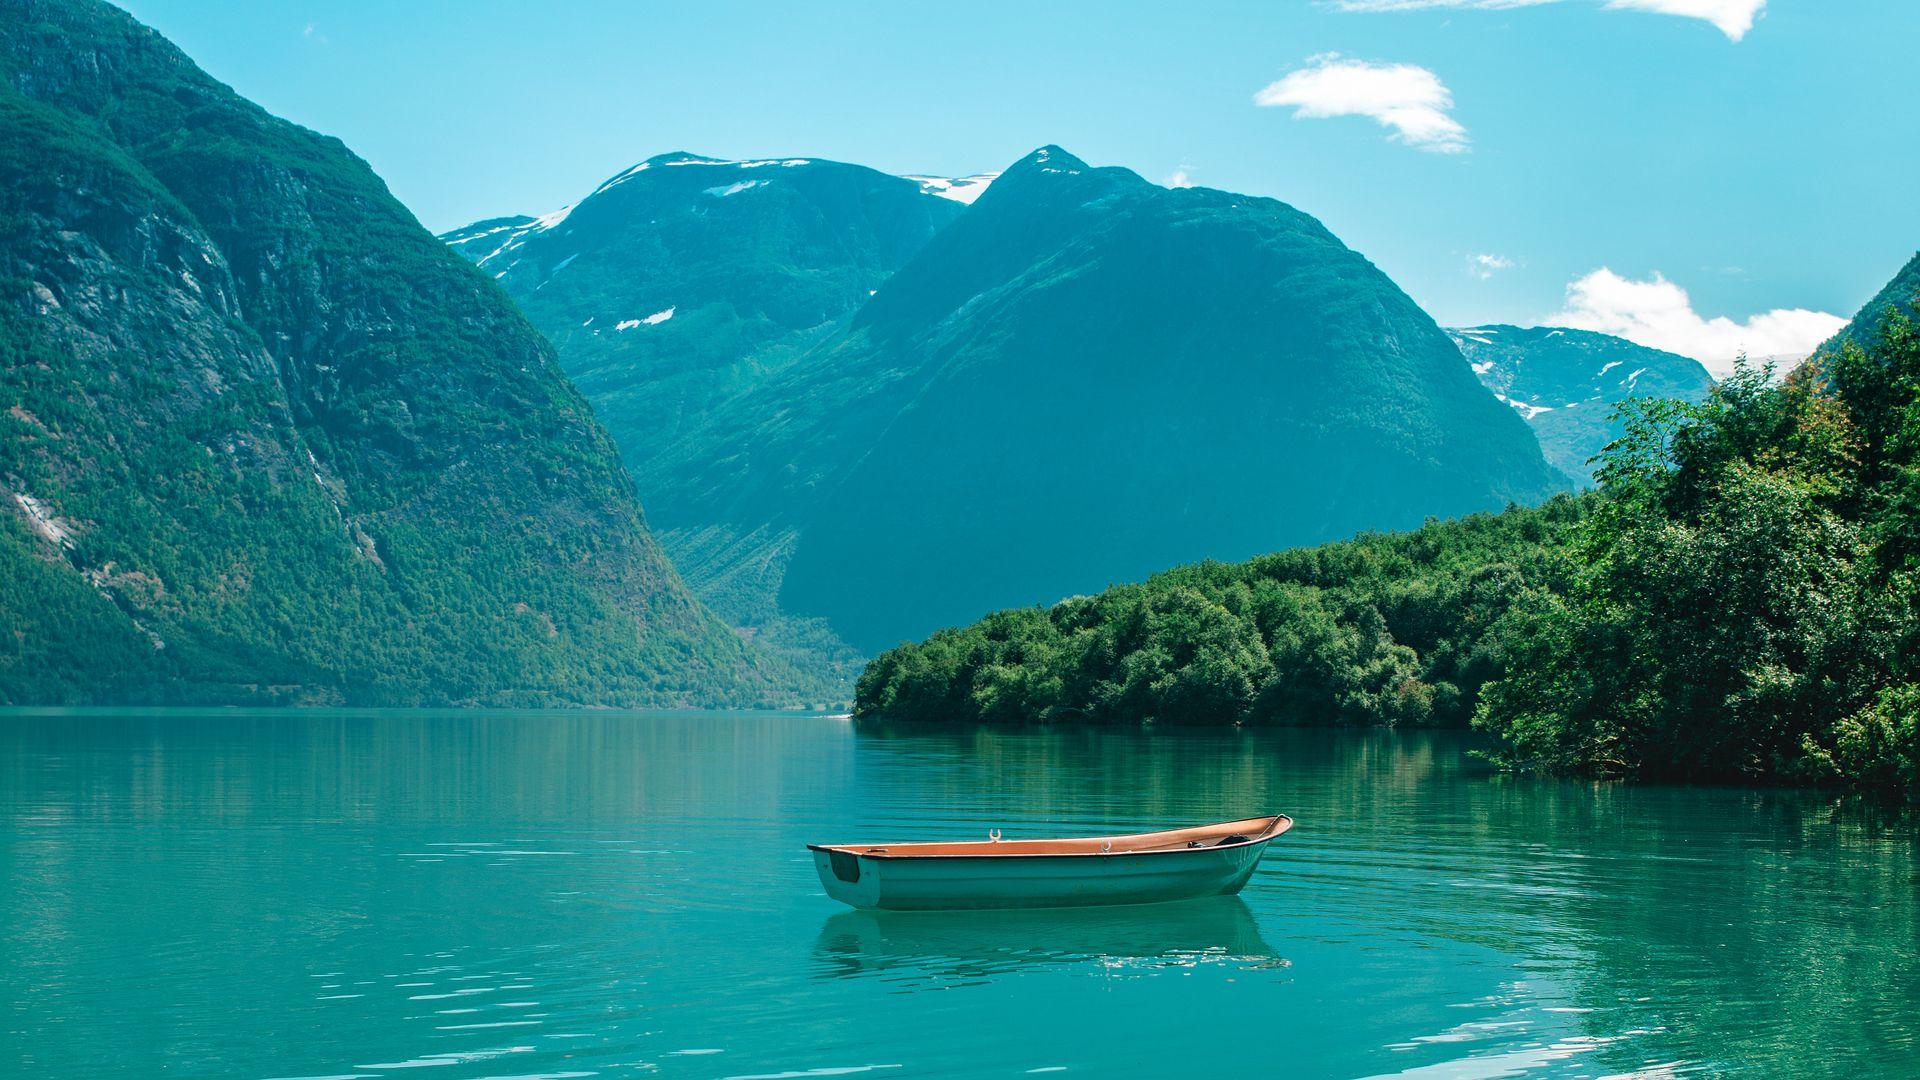 1920x1080 Wallpaper boat, mountains, lake, water, horizon